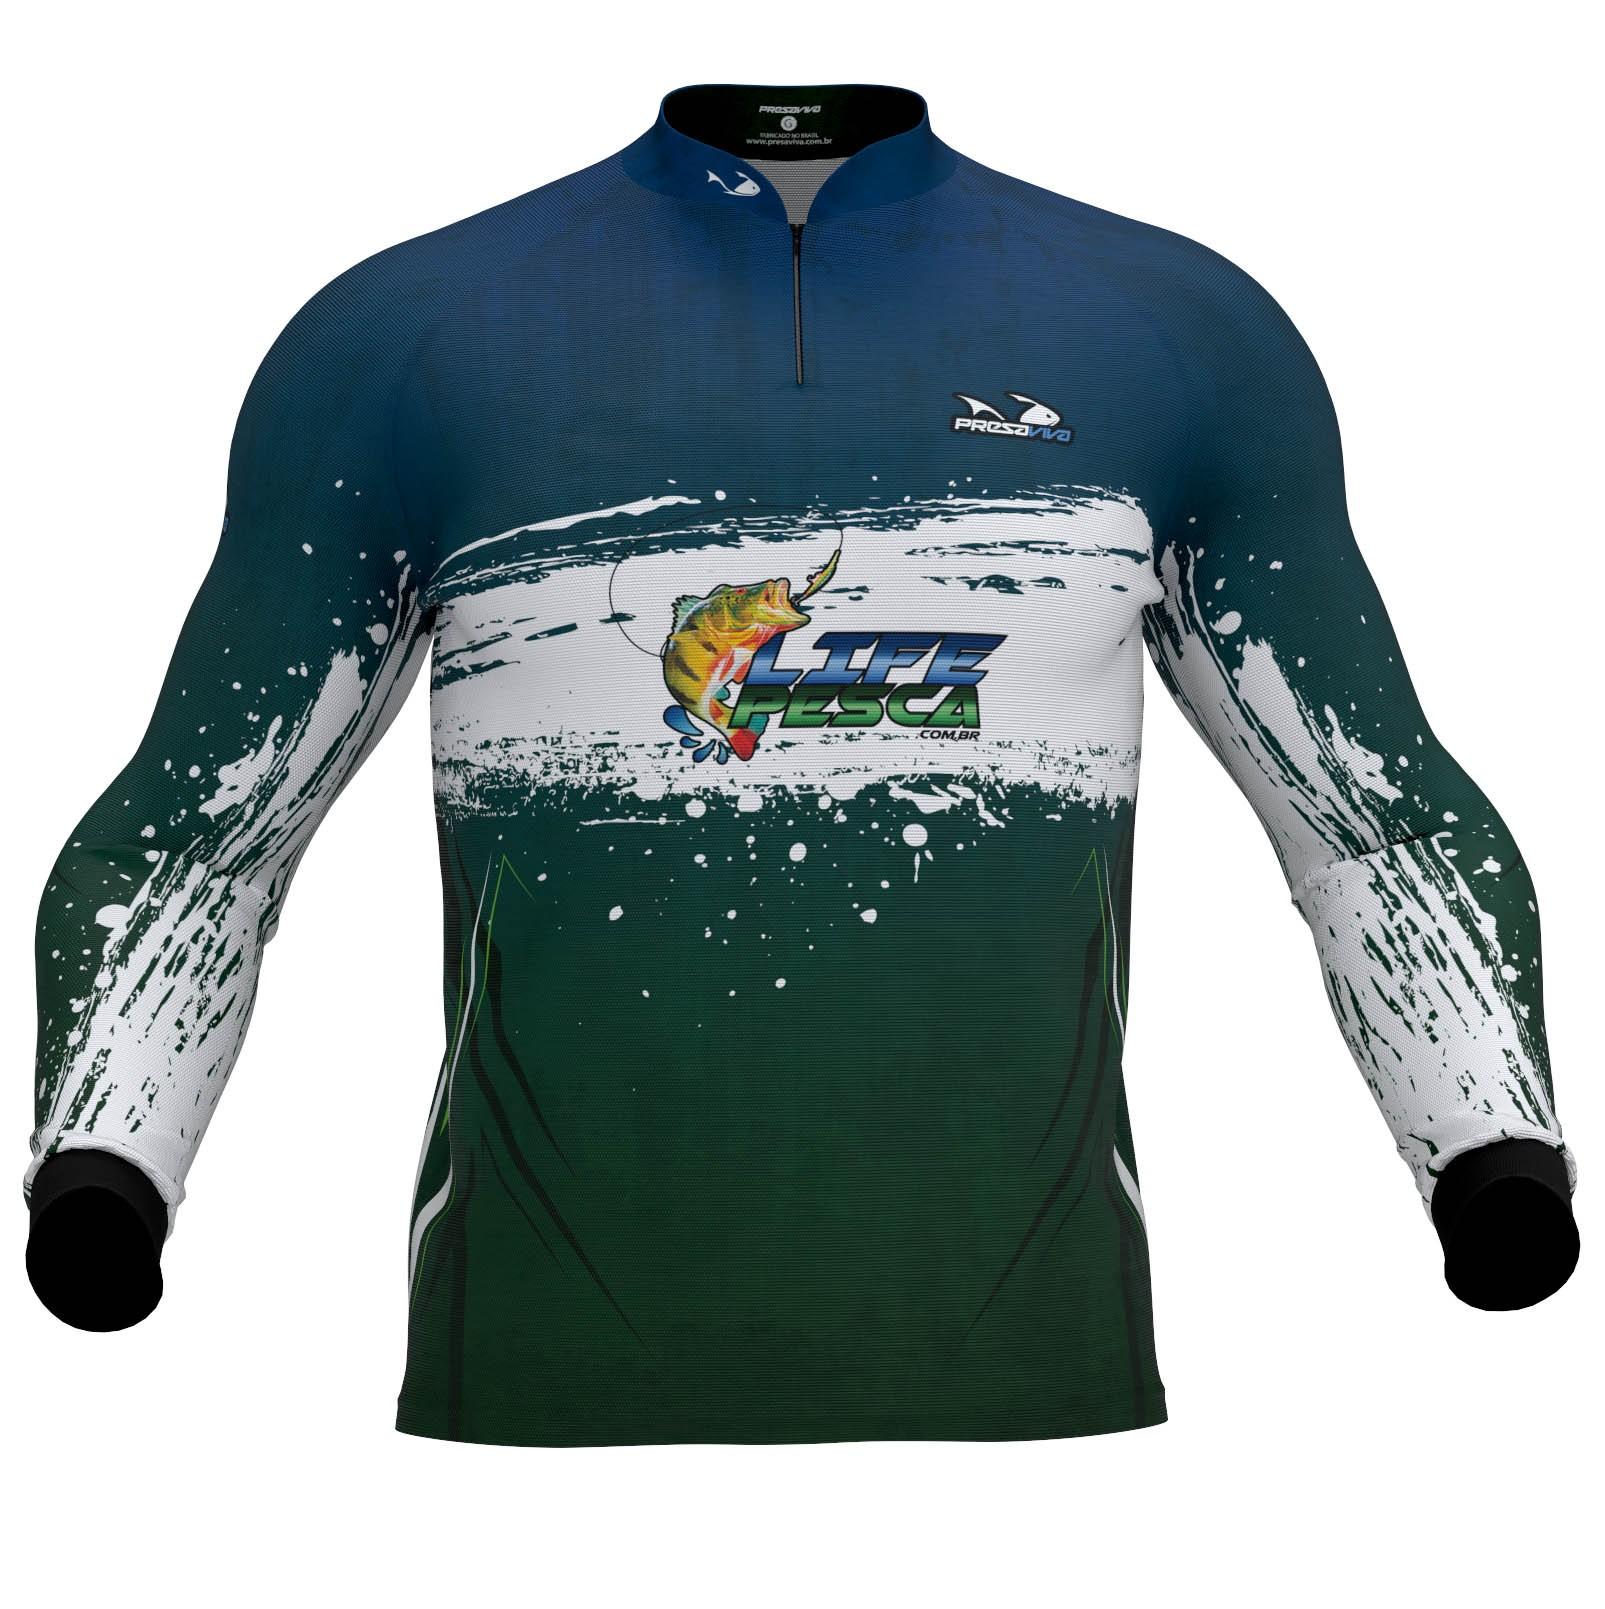 Camiseta De Pesca Presa Viva Proteção Solar Uv - LIFE PESCA